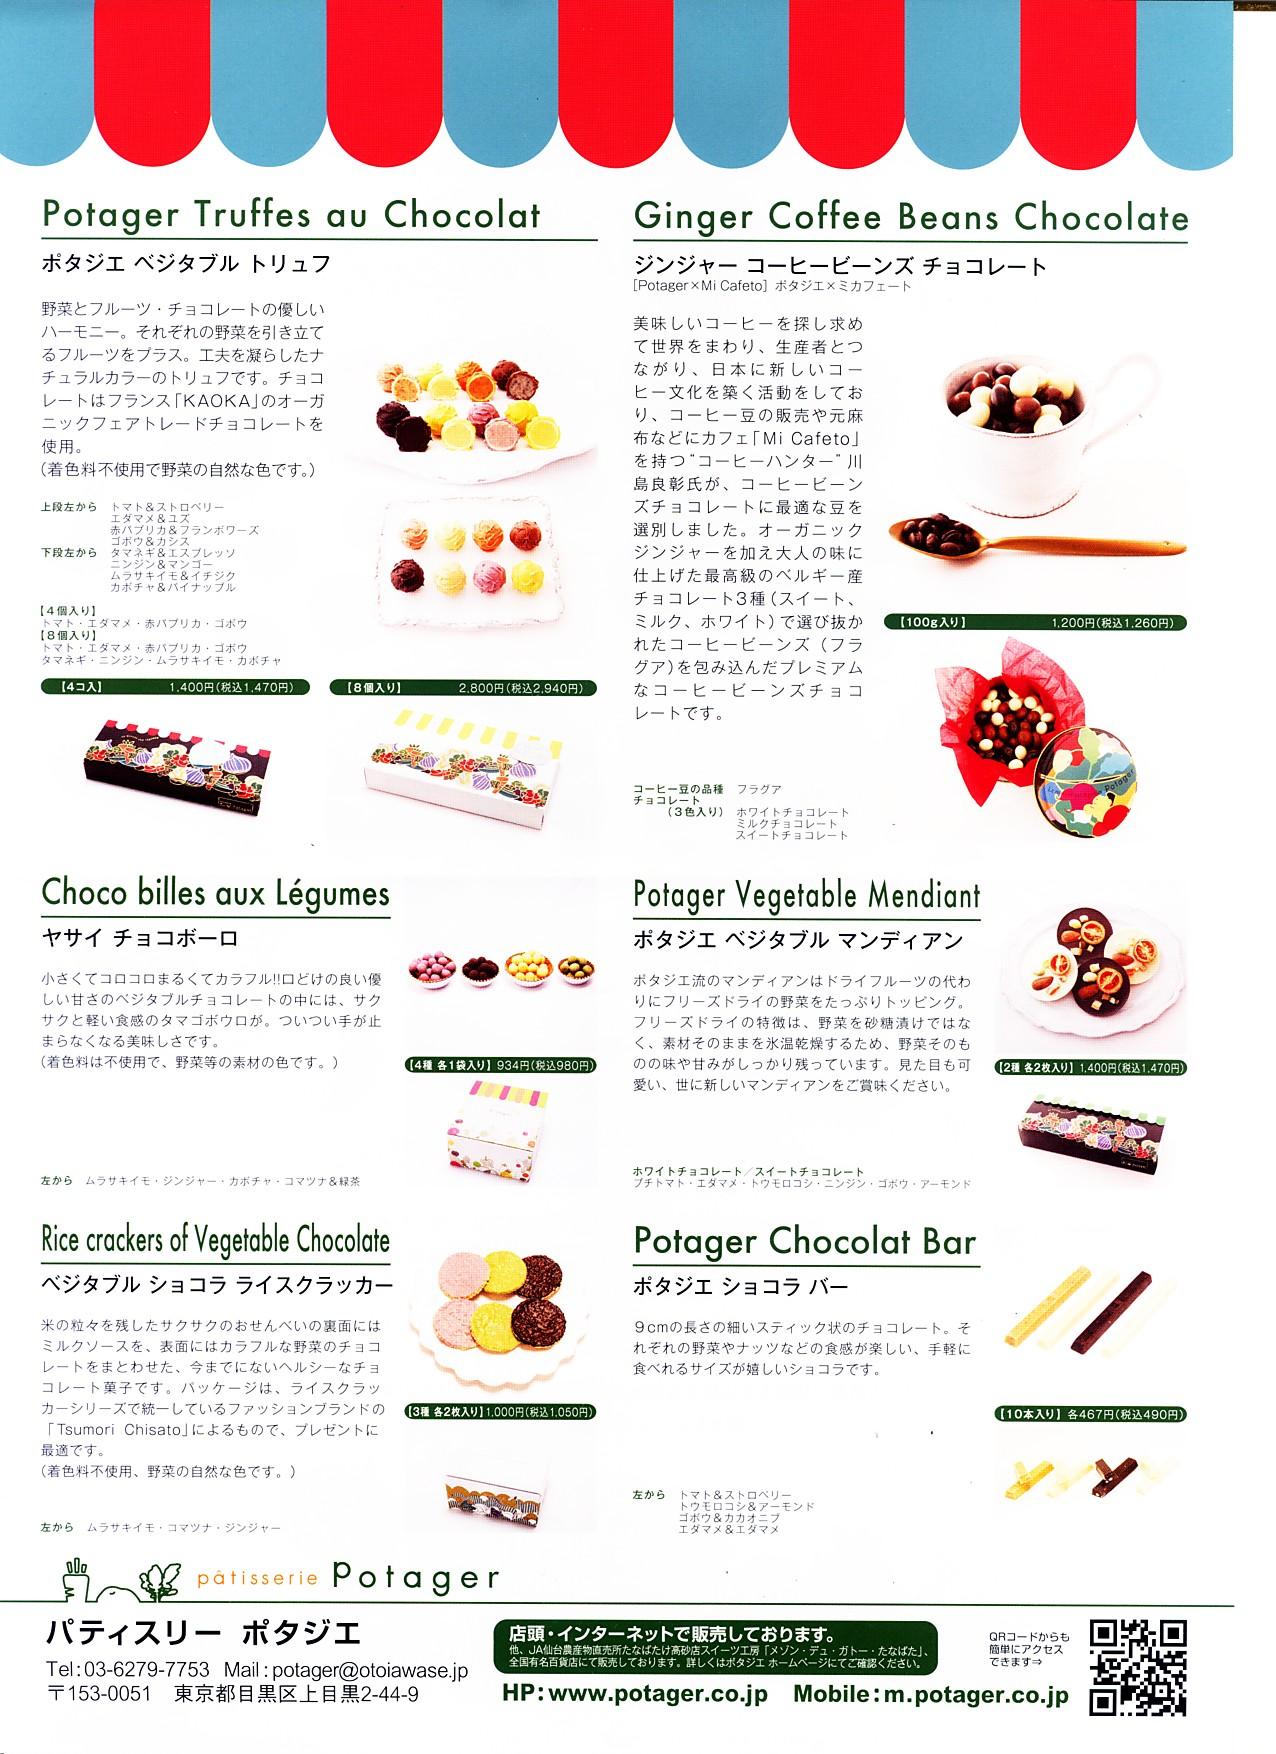 野菜 チョコレート 中目黒 2